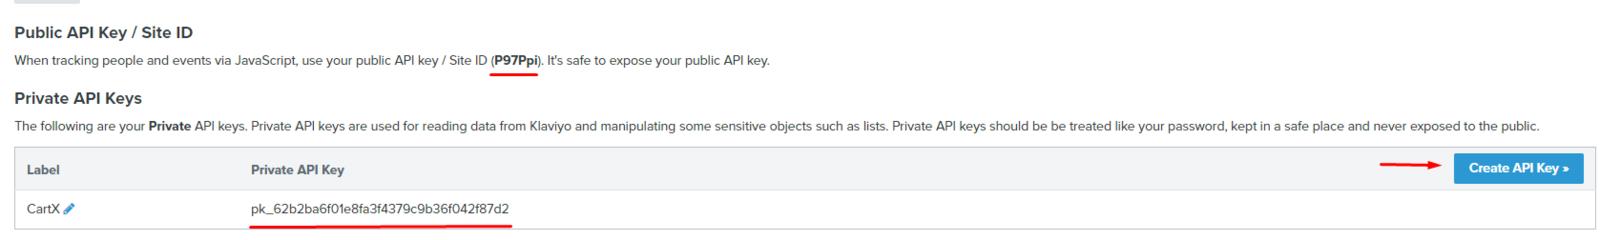 O primeiro campo sublinhado é a Public Key. O segundo é a Private Key.